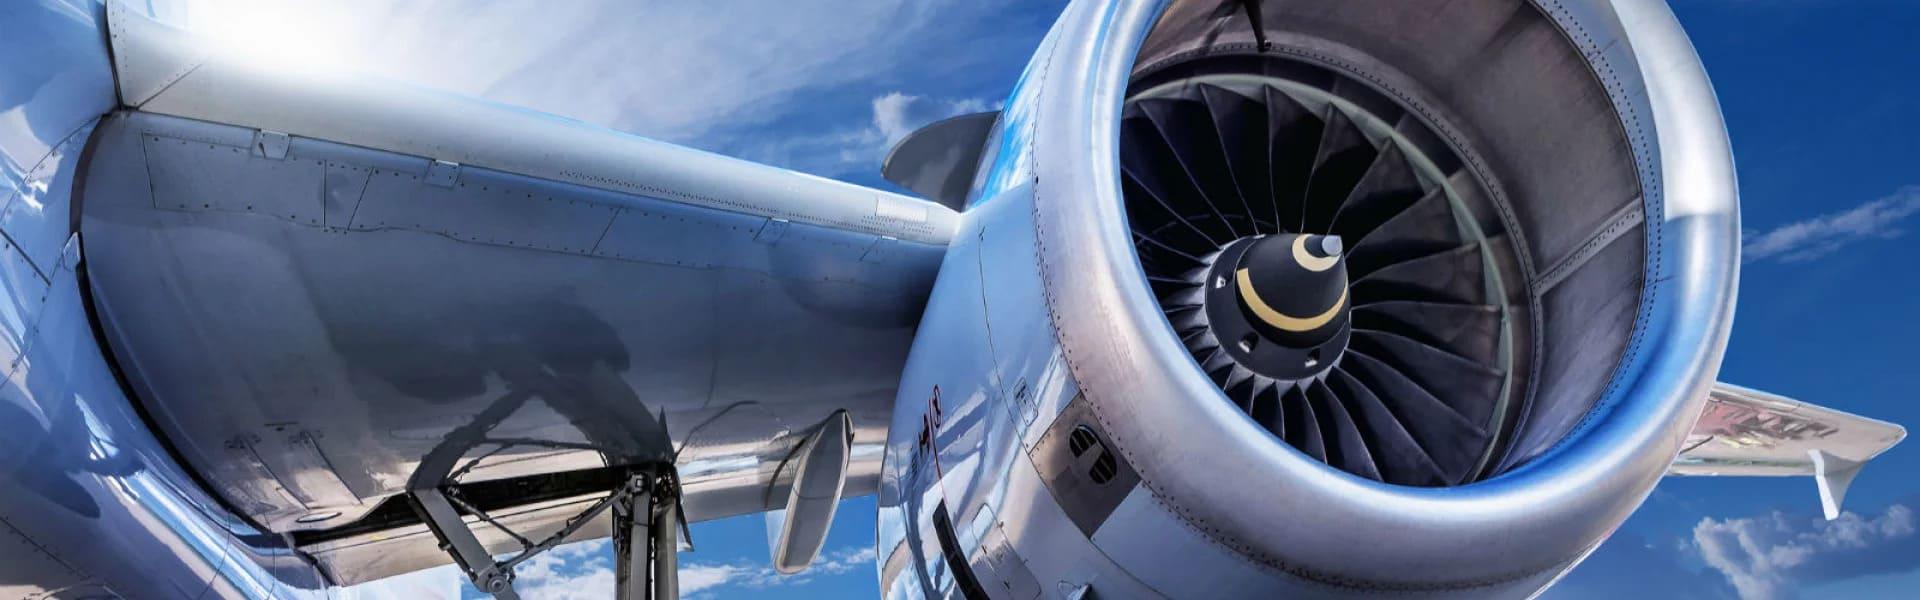 Certificats atplschool formation pilote de ligne a distance pilote de ligne module ATPL théorique performances avions